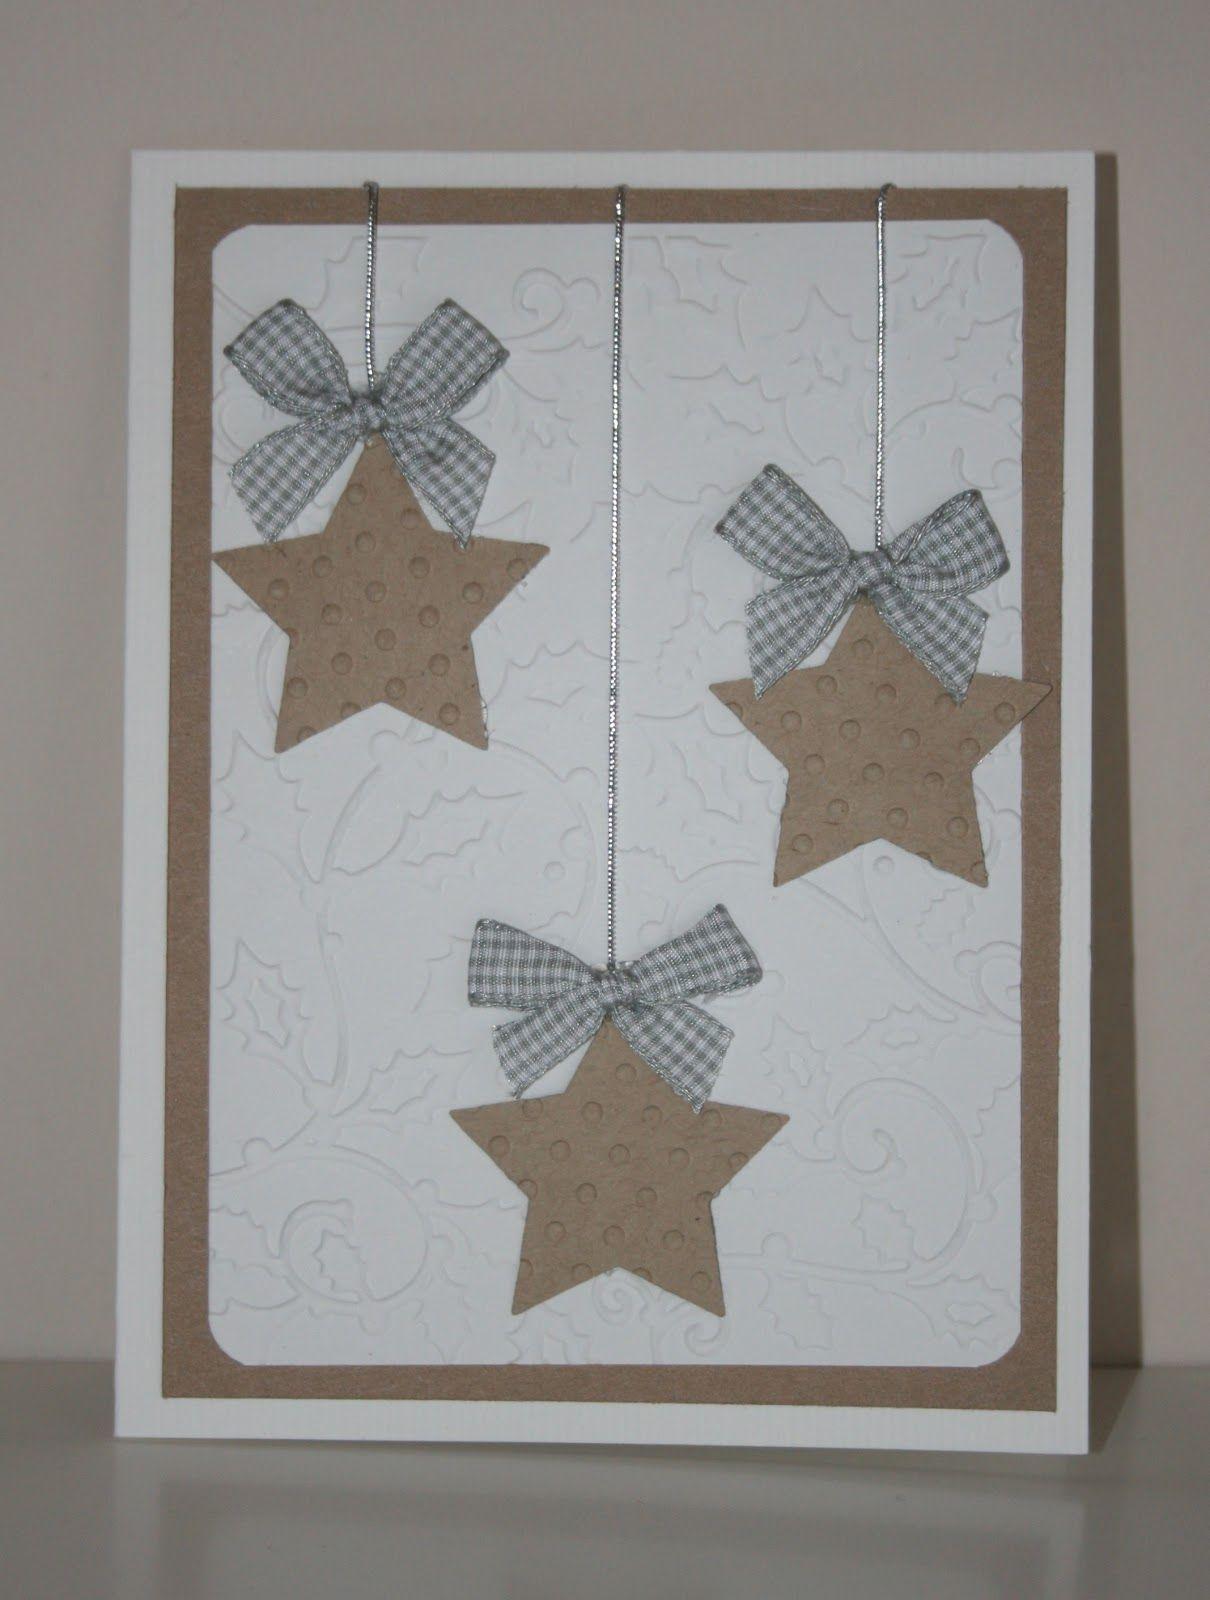 Tarjeta De Navidad Con Estrellas Postals Nadal Pinterest - Manualidades-de-tarjetas-de-navidad